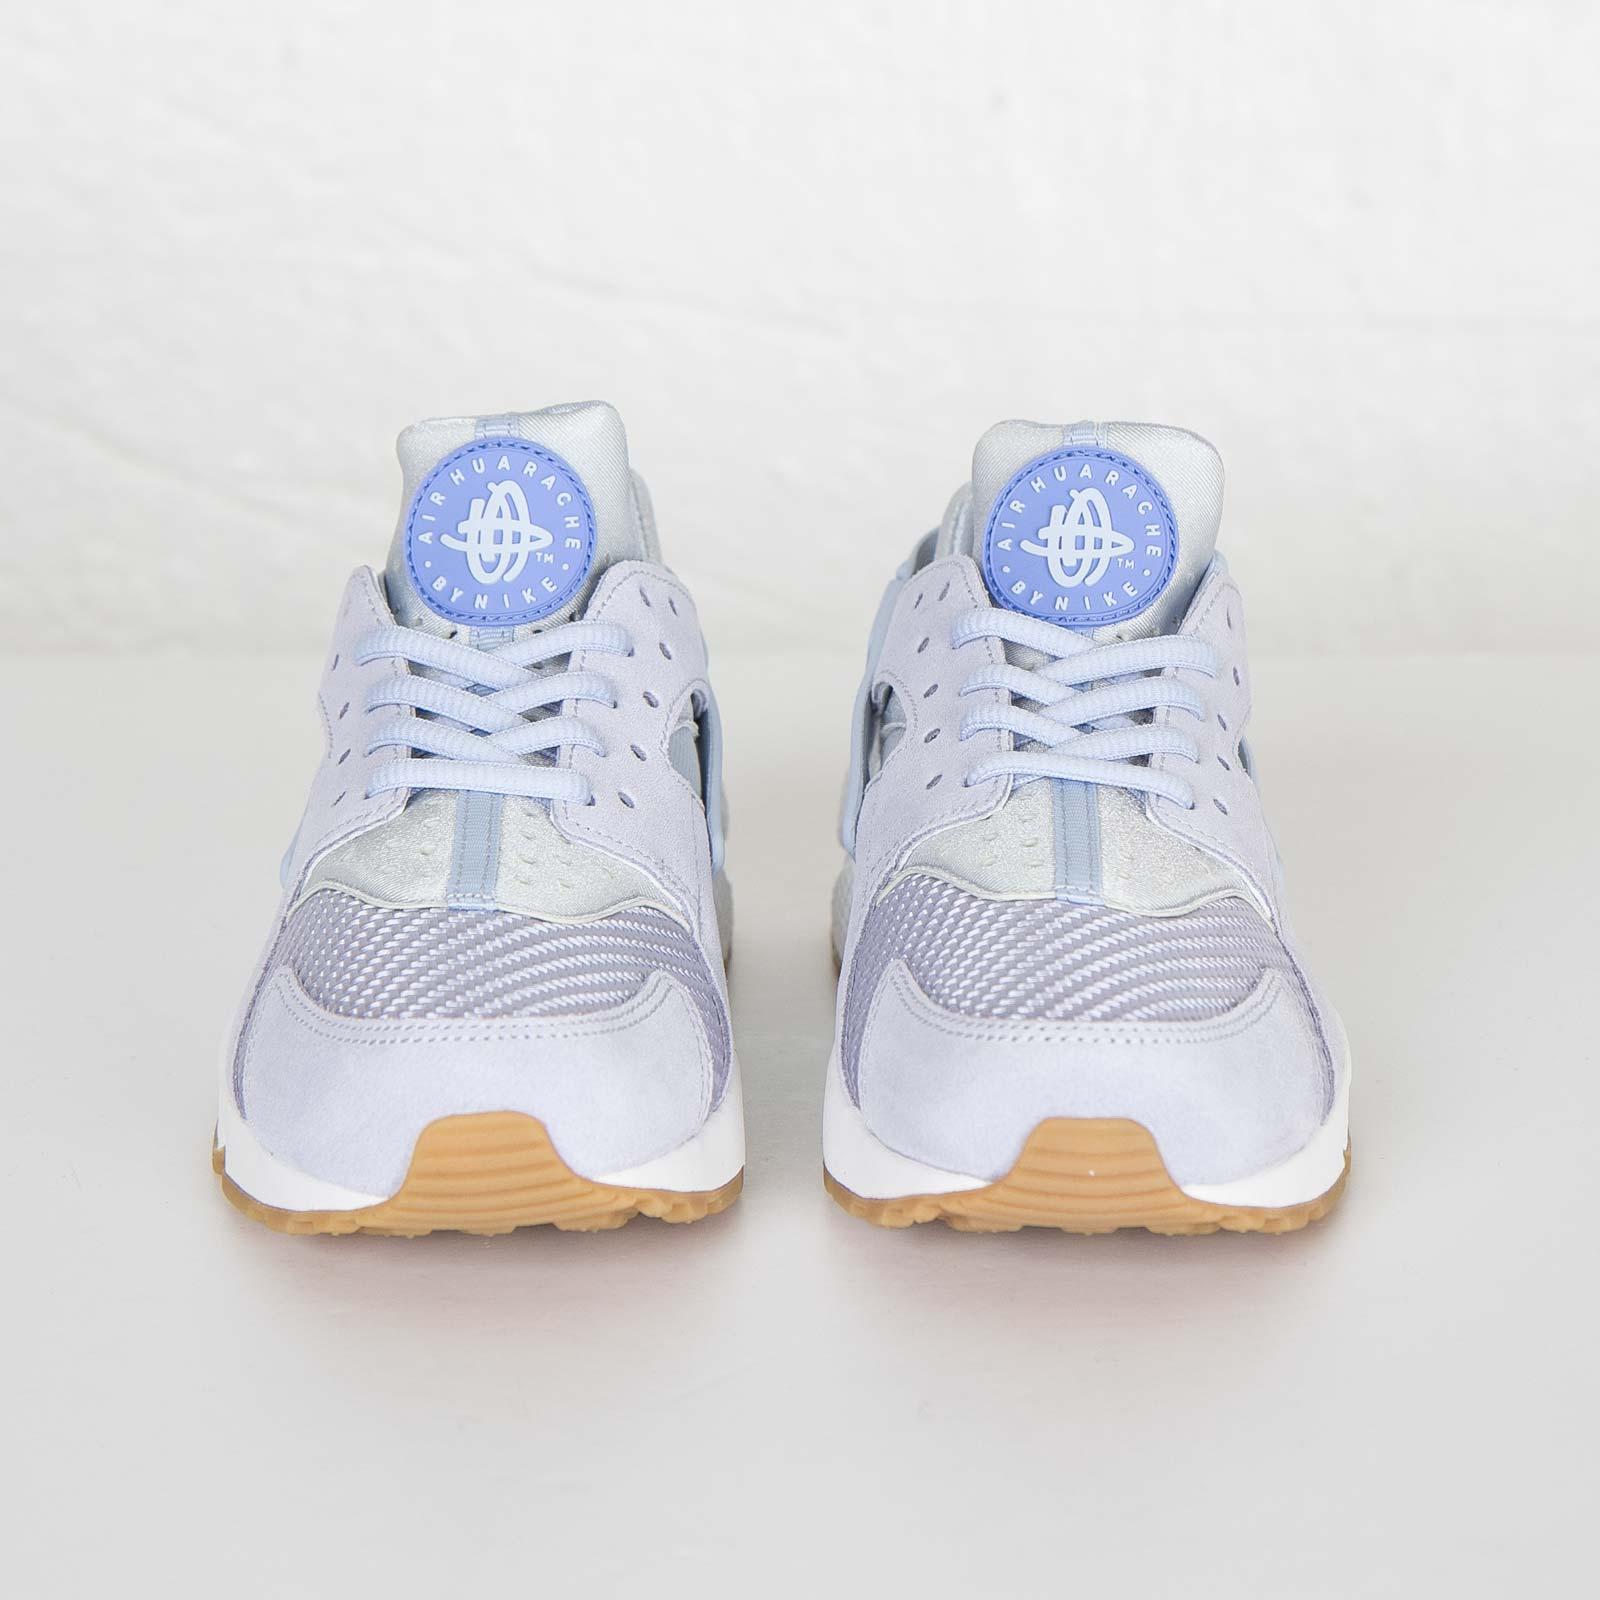 a14dc0594b2d Nike W Air Huarache Run TXT - 818597-400 - Sneakersnstuff